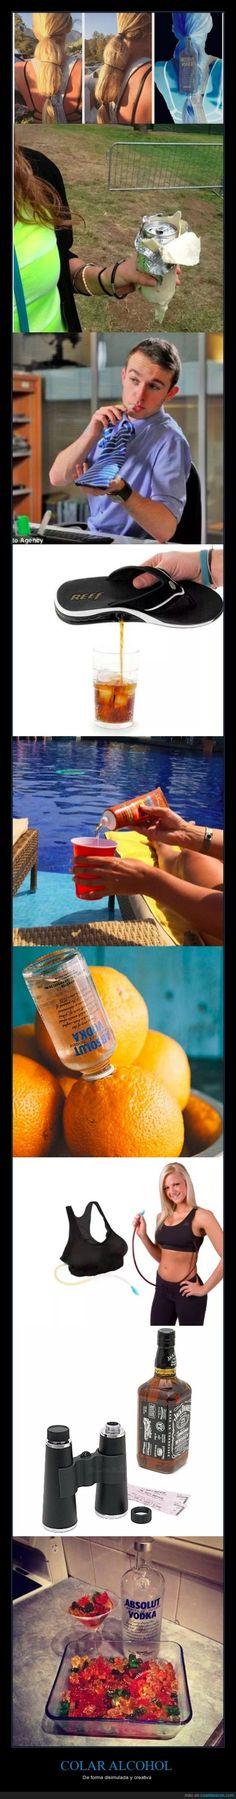 9 formas ingeniosas de colar alcohol y pasar desapercibido - De forma disimulada y creativa Gracias a http://www.cuantarazon.com/ Si quieres leer la noticia completa visita: http://www.estoy-aburrido.com/9-formas-ingeniosas-de-colar-alcohol-y-pasar-desapercibido-de-forma-disimulada-y-creativa/